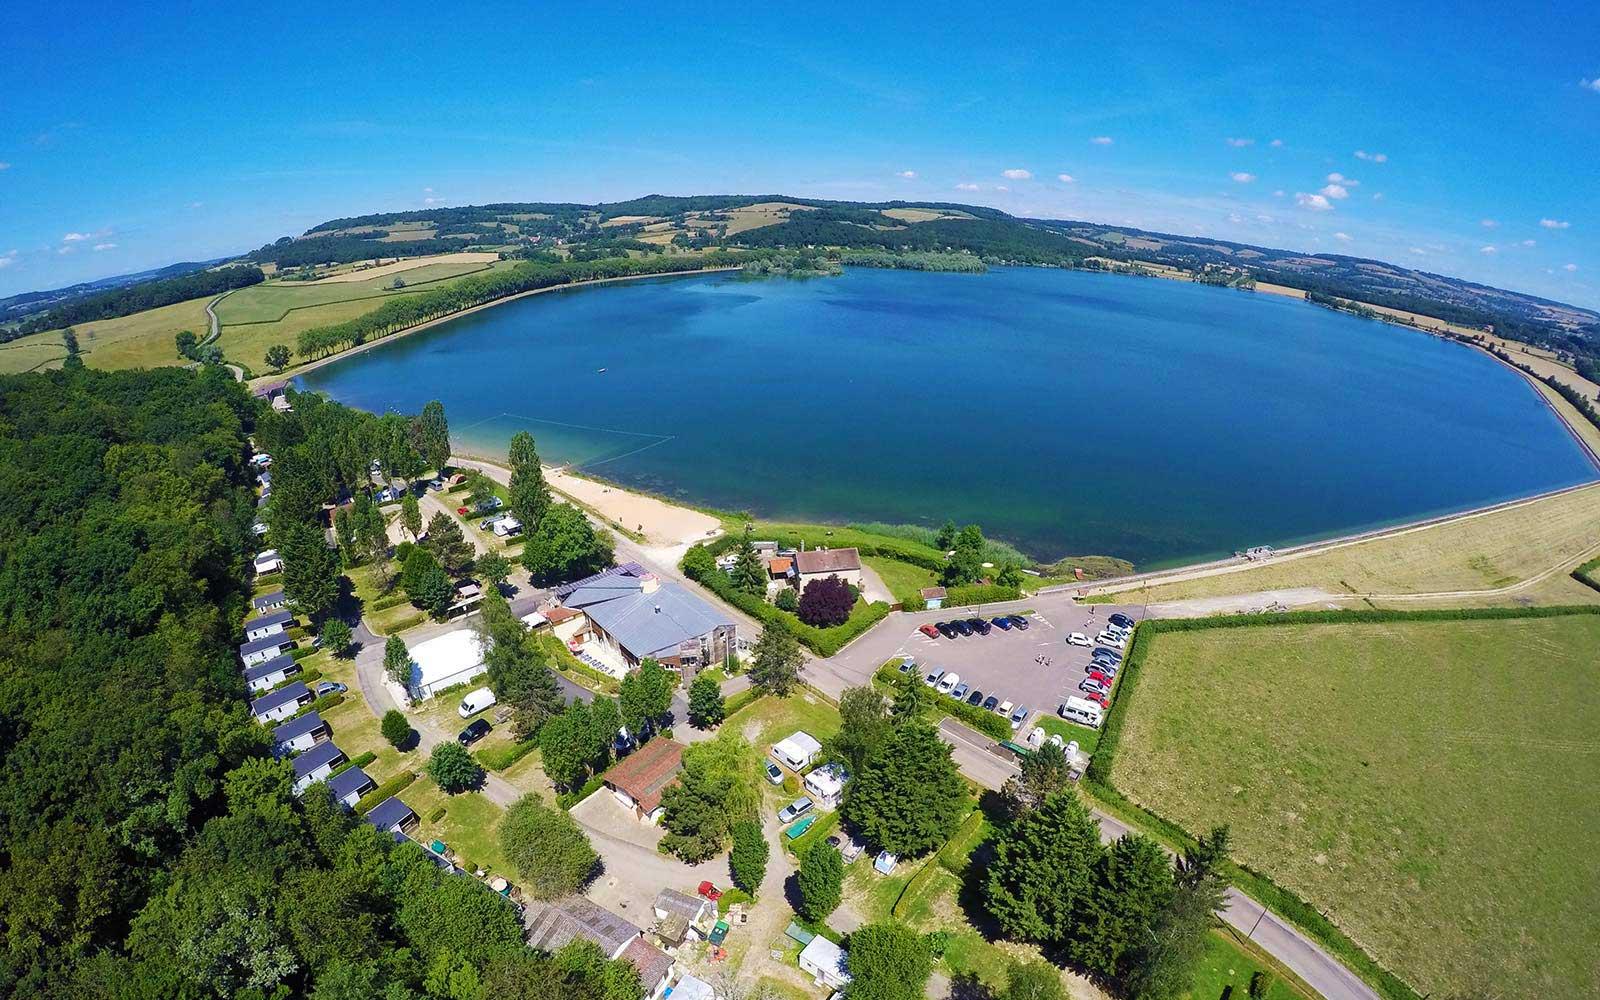 Camping du lac de panthier 4 toiles bourgogne site for Camping lac du bourget piscine